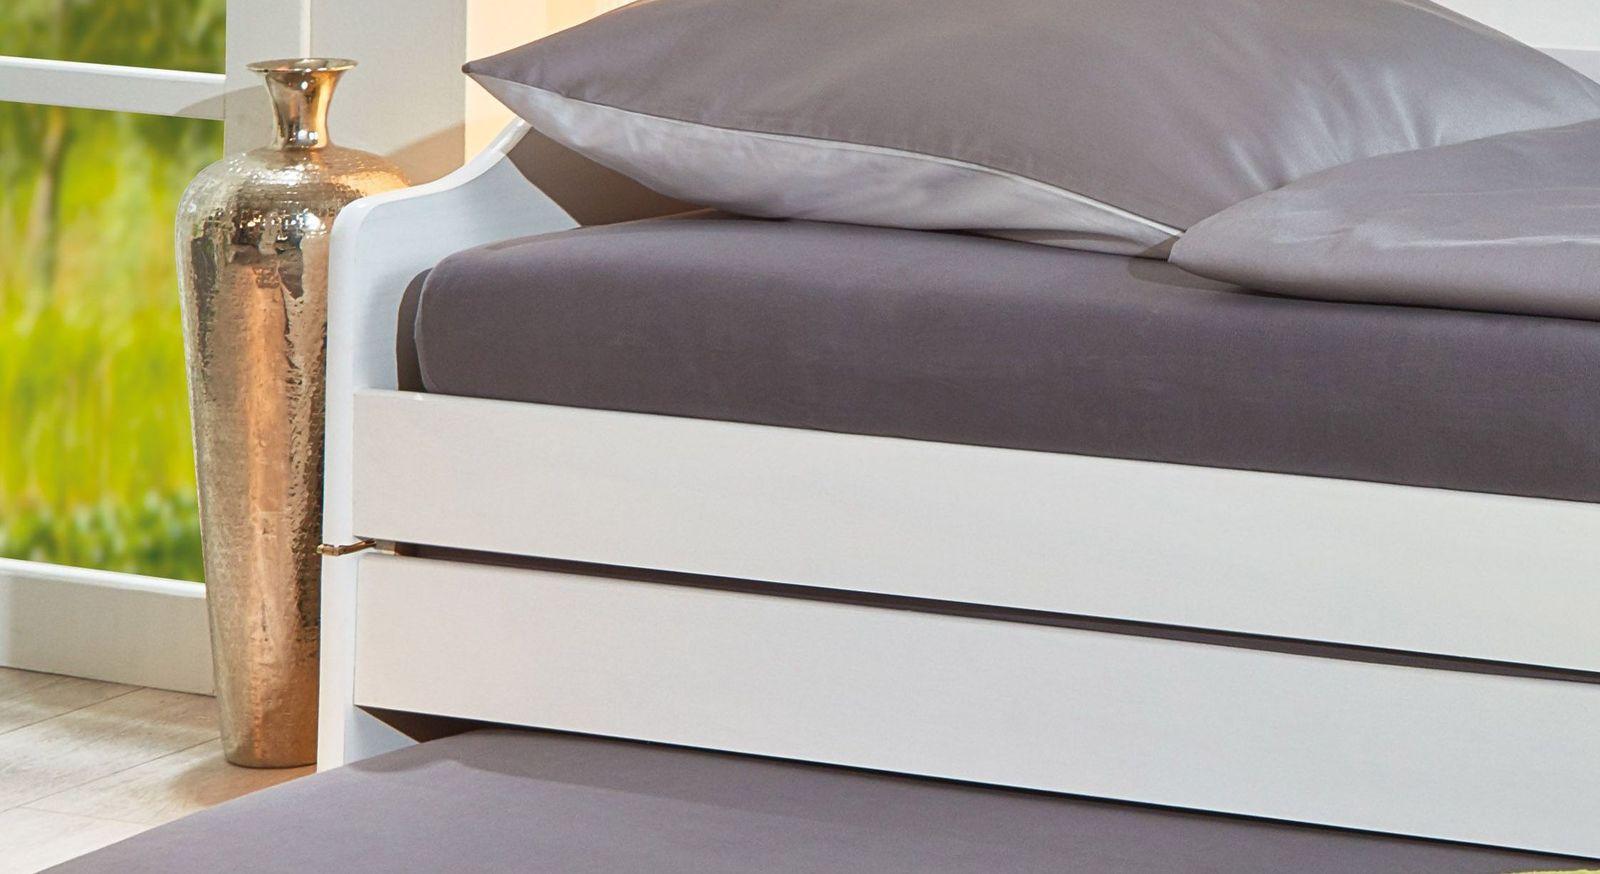 Full Size of Bett Ausziehbar Gleiche Ebene Ikea Funktionsbett Aus Massiver Kiefer Mit Drei Schlafpltzen 3 In 1 Betten 200x220 Poco 90x200 Lattenrost Und Matratze Günstige Wohnzimmer Bett Ausziehbar Gleiche Ebene